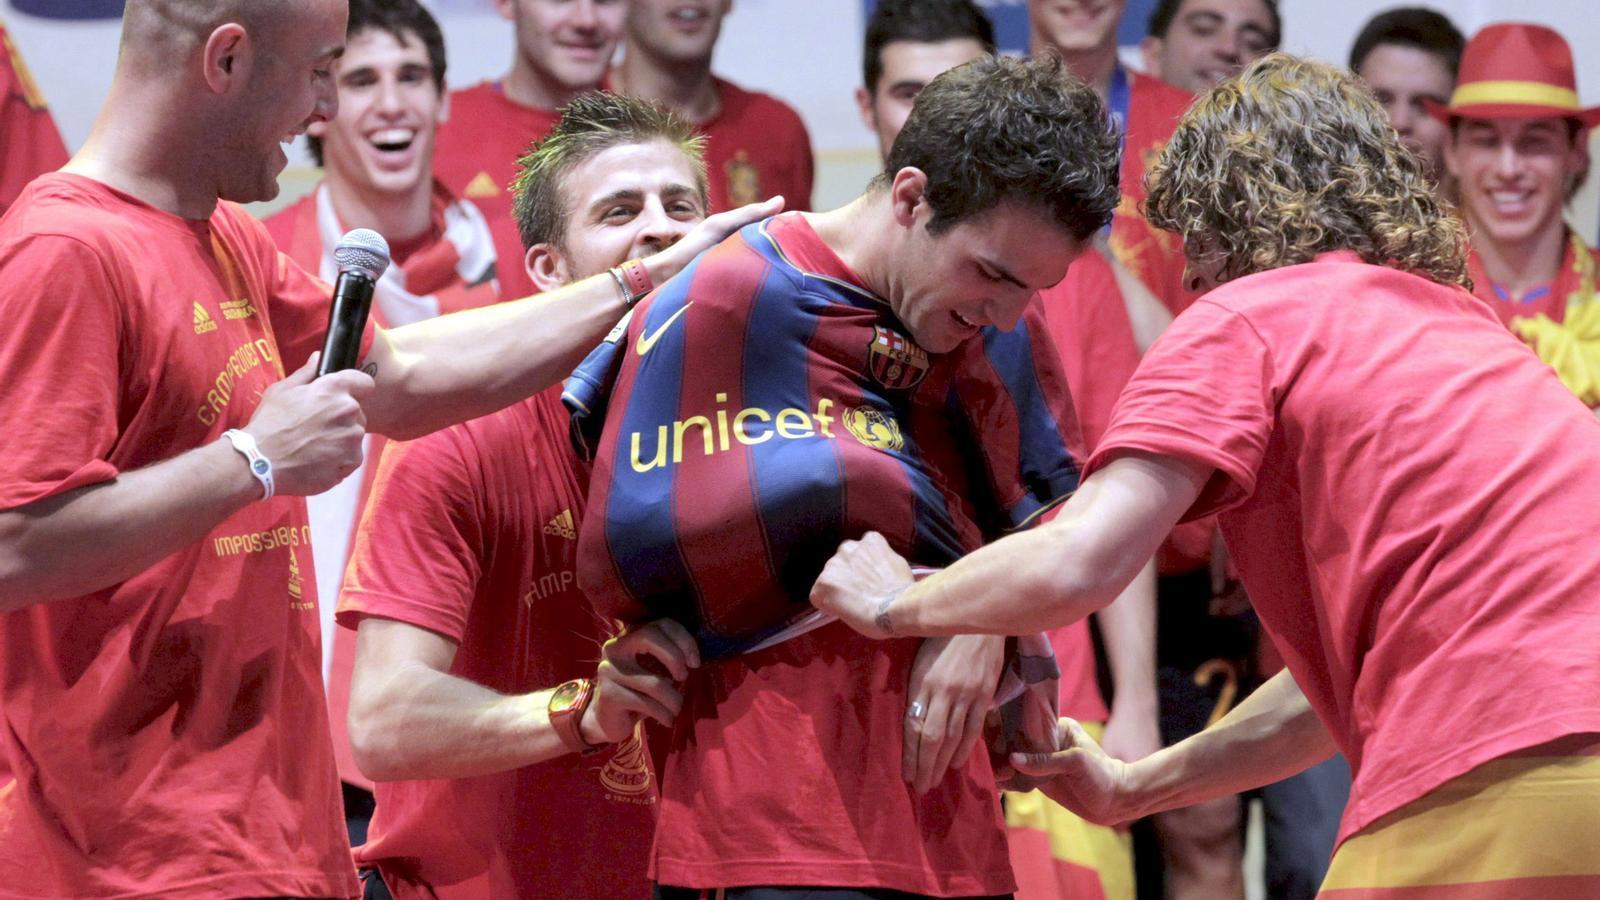 Un any després Cesc pot ser jugador del Barça un any després d'aquesta imatge, que correspon a la celebració del Mundial.